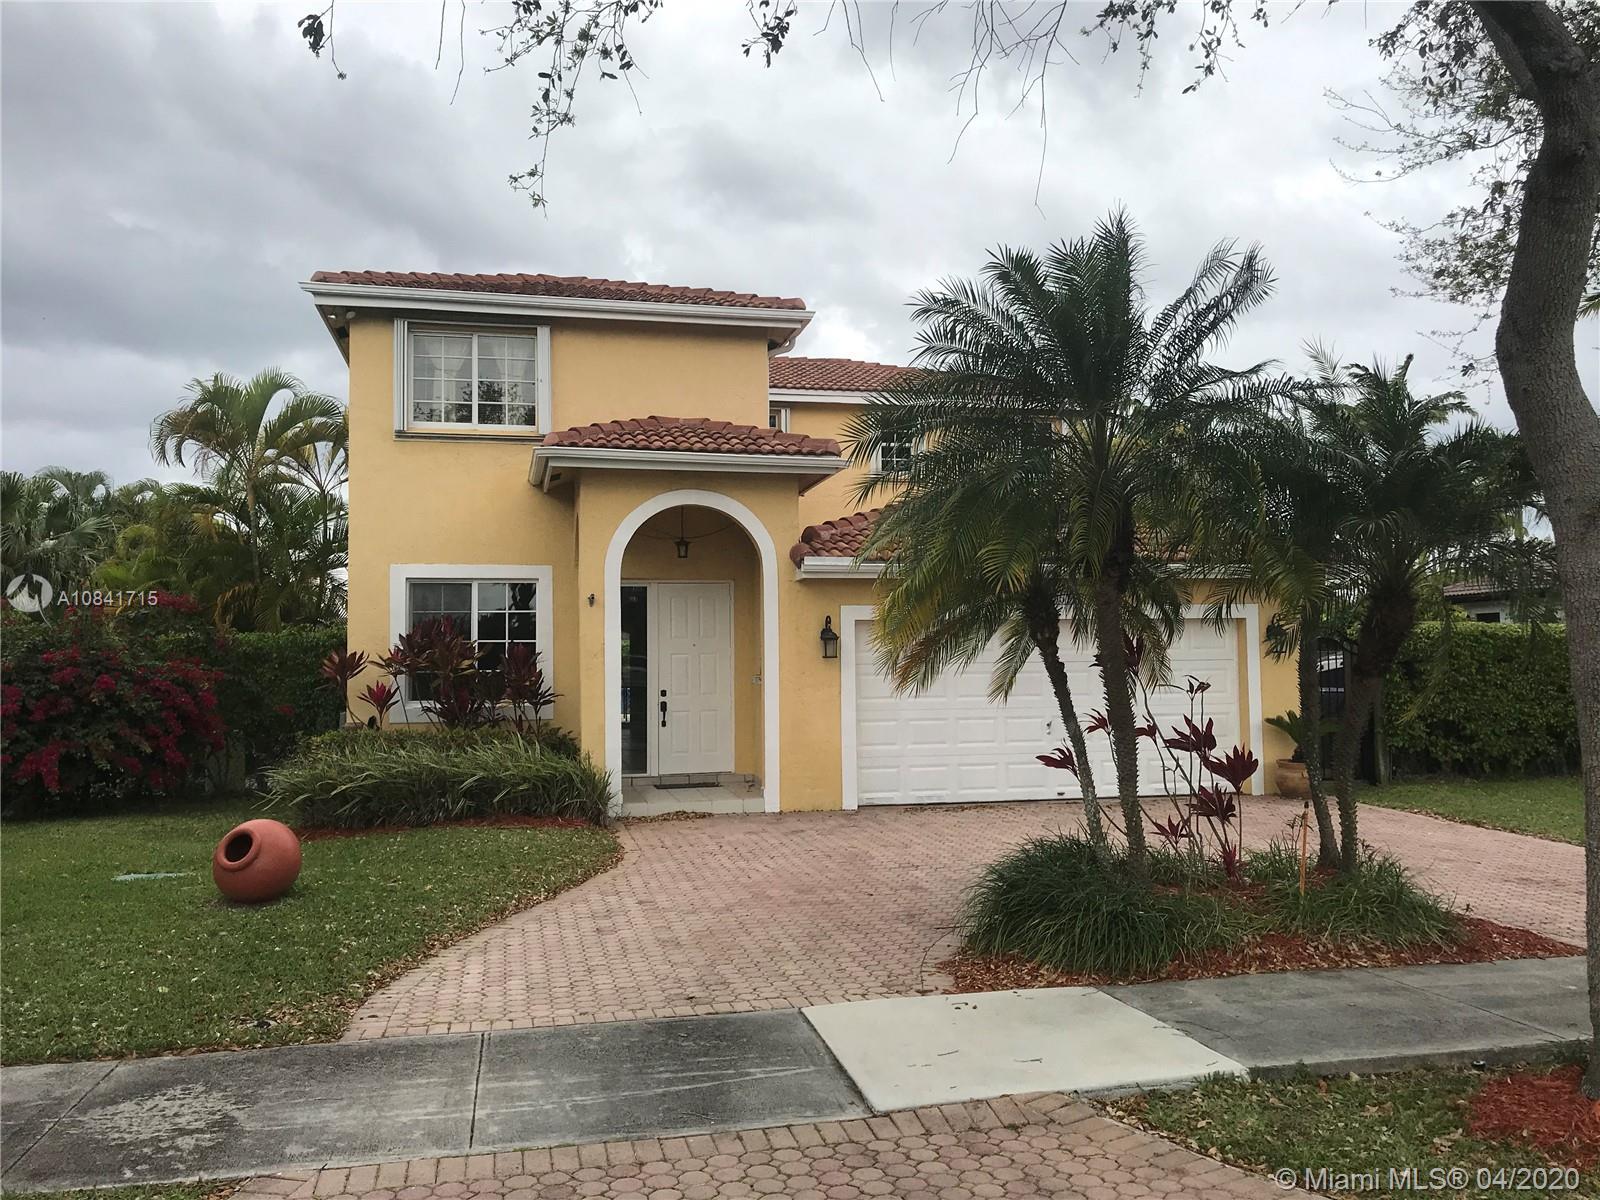 11951 SW 124th Ter, Miami, FL 33186